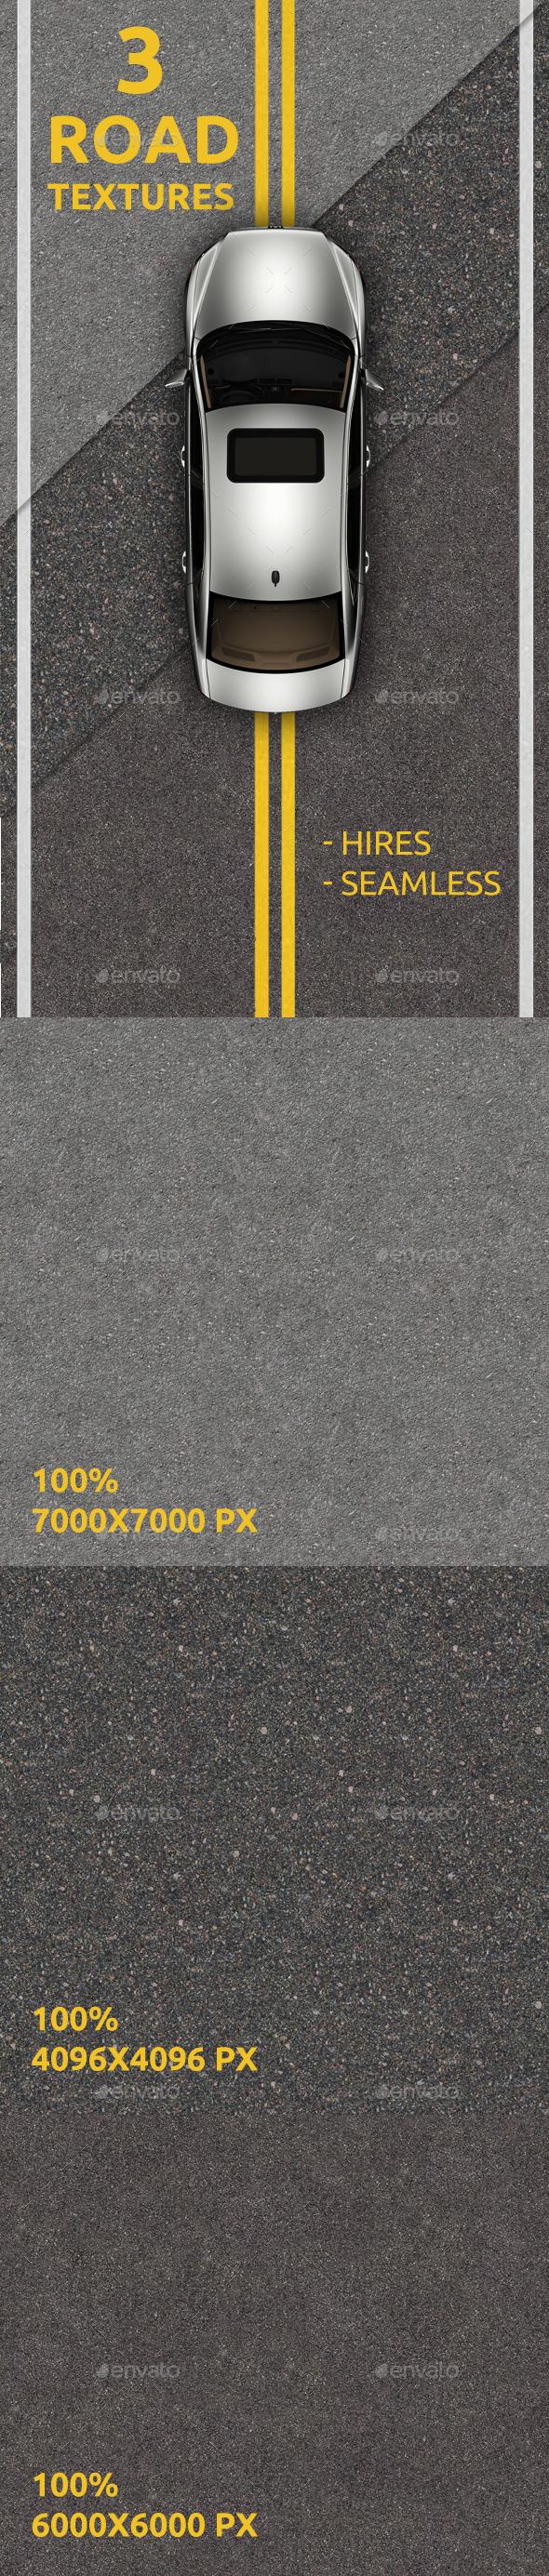 3 Asphalt textures - Concrete Textures